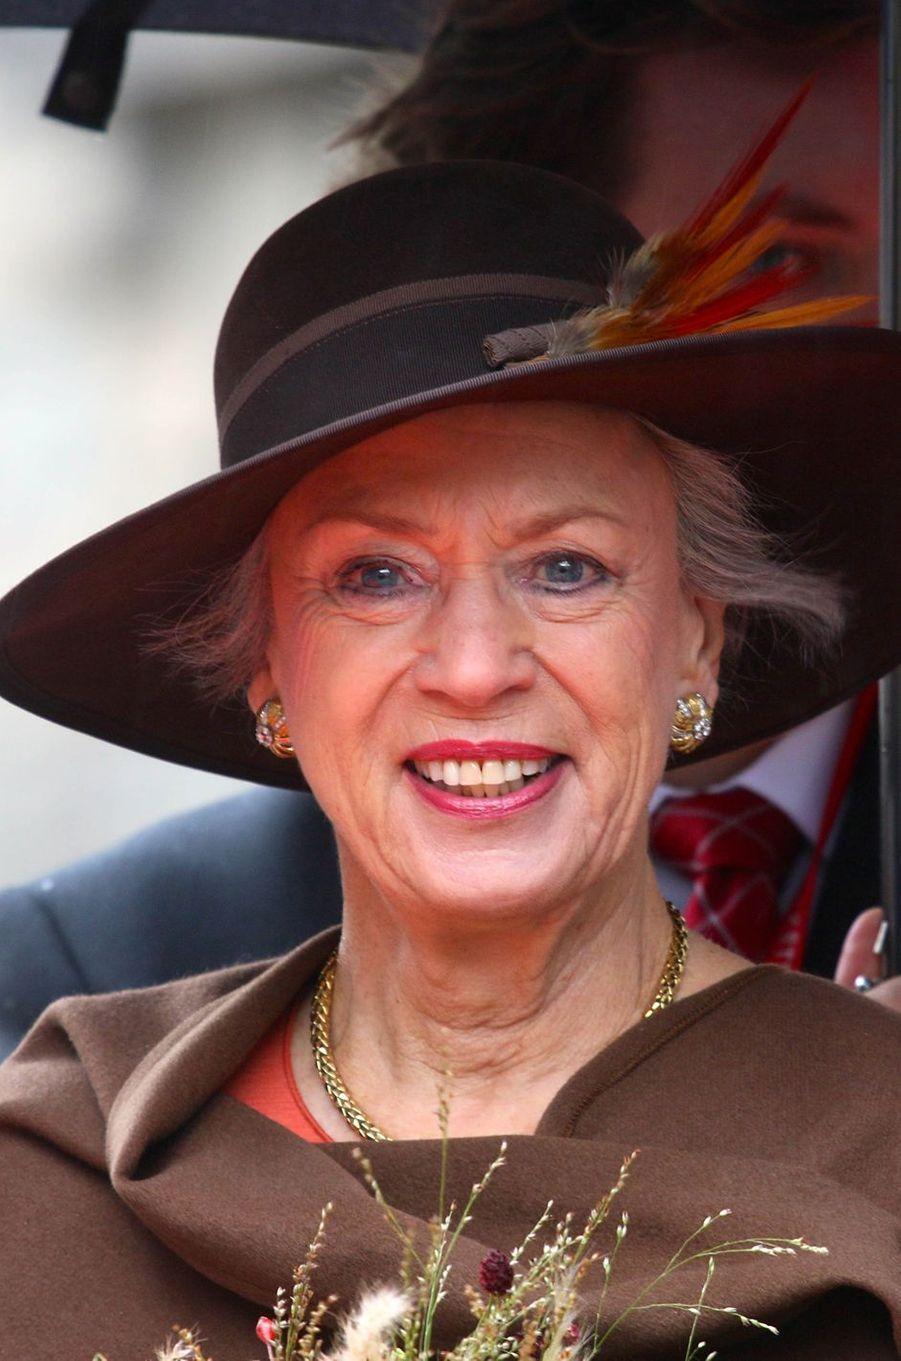 La princesse Benedikte de Danemark à Copenhague, le 2 octobre 2018